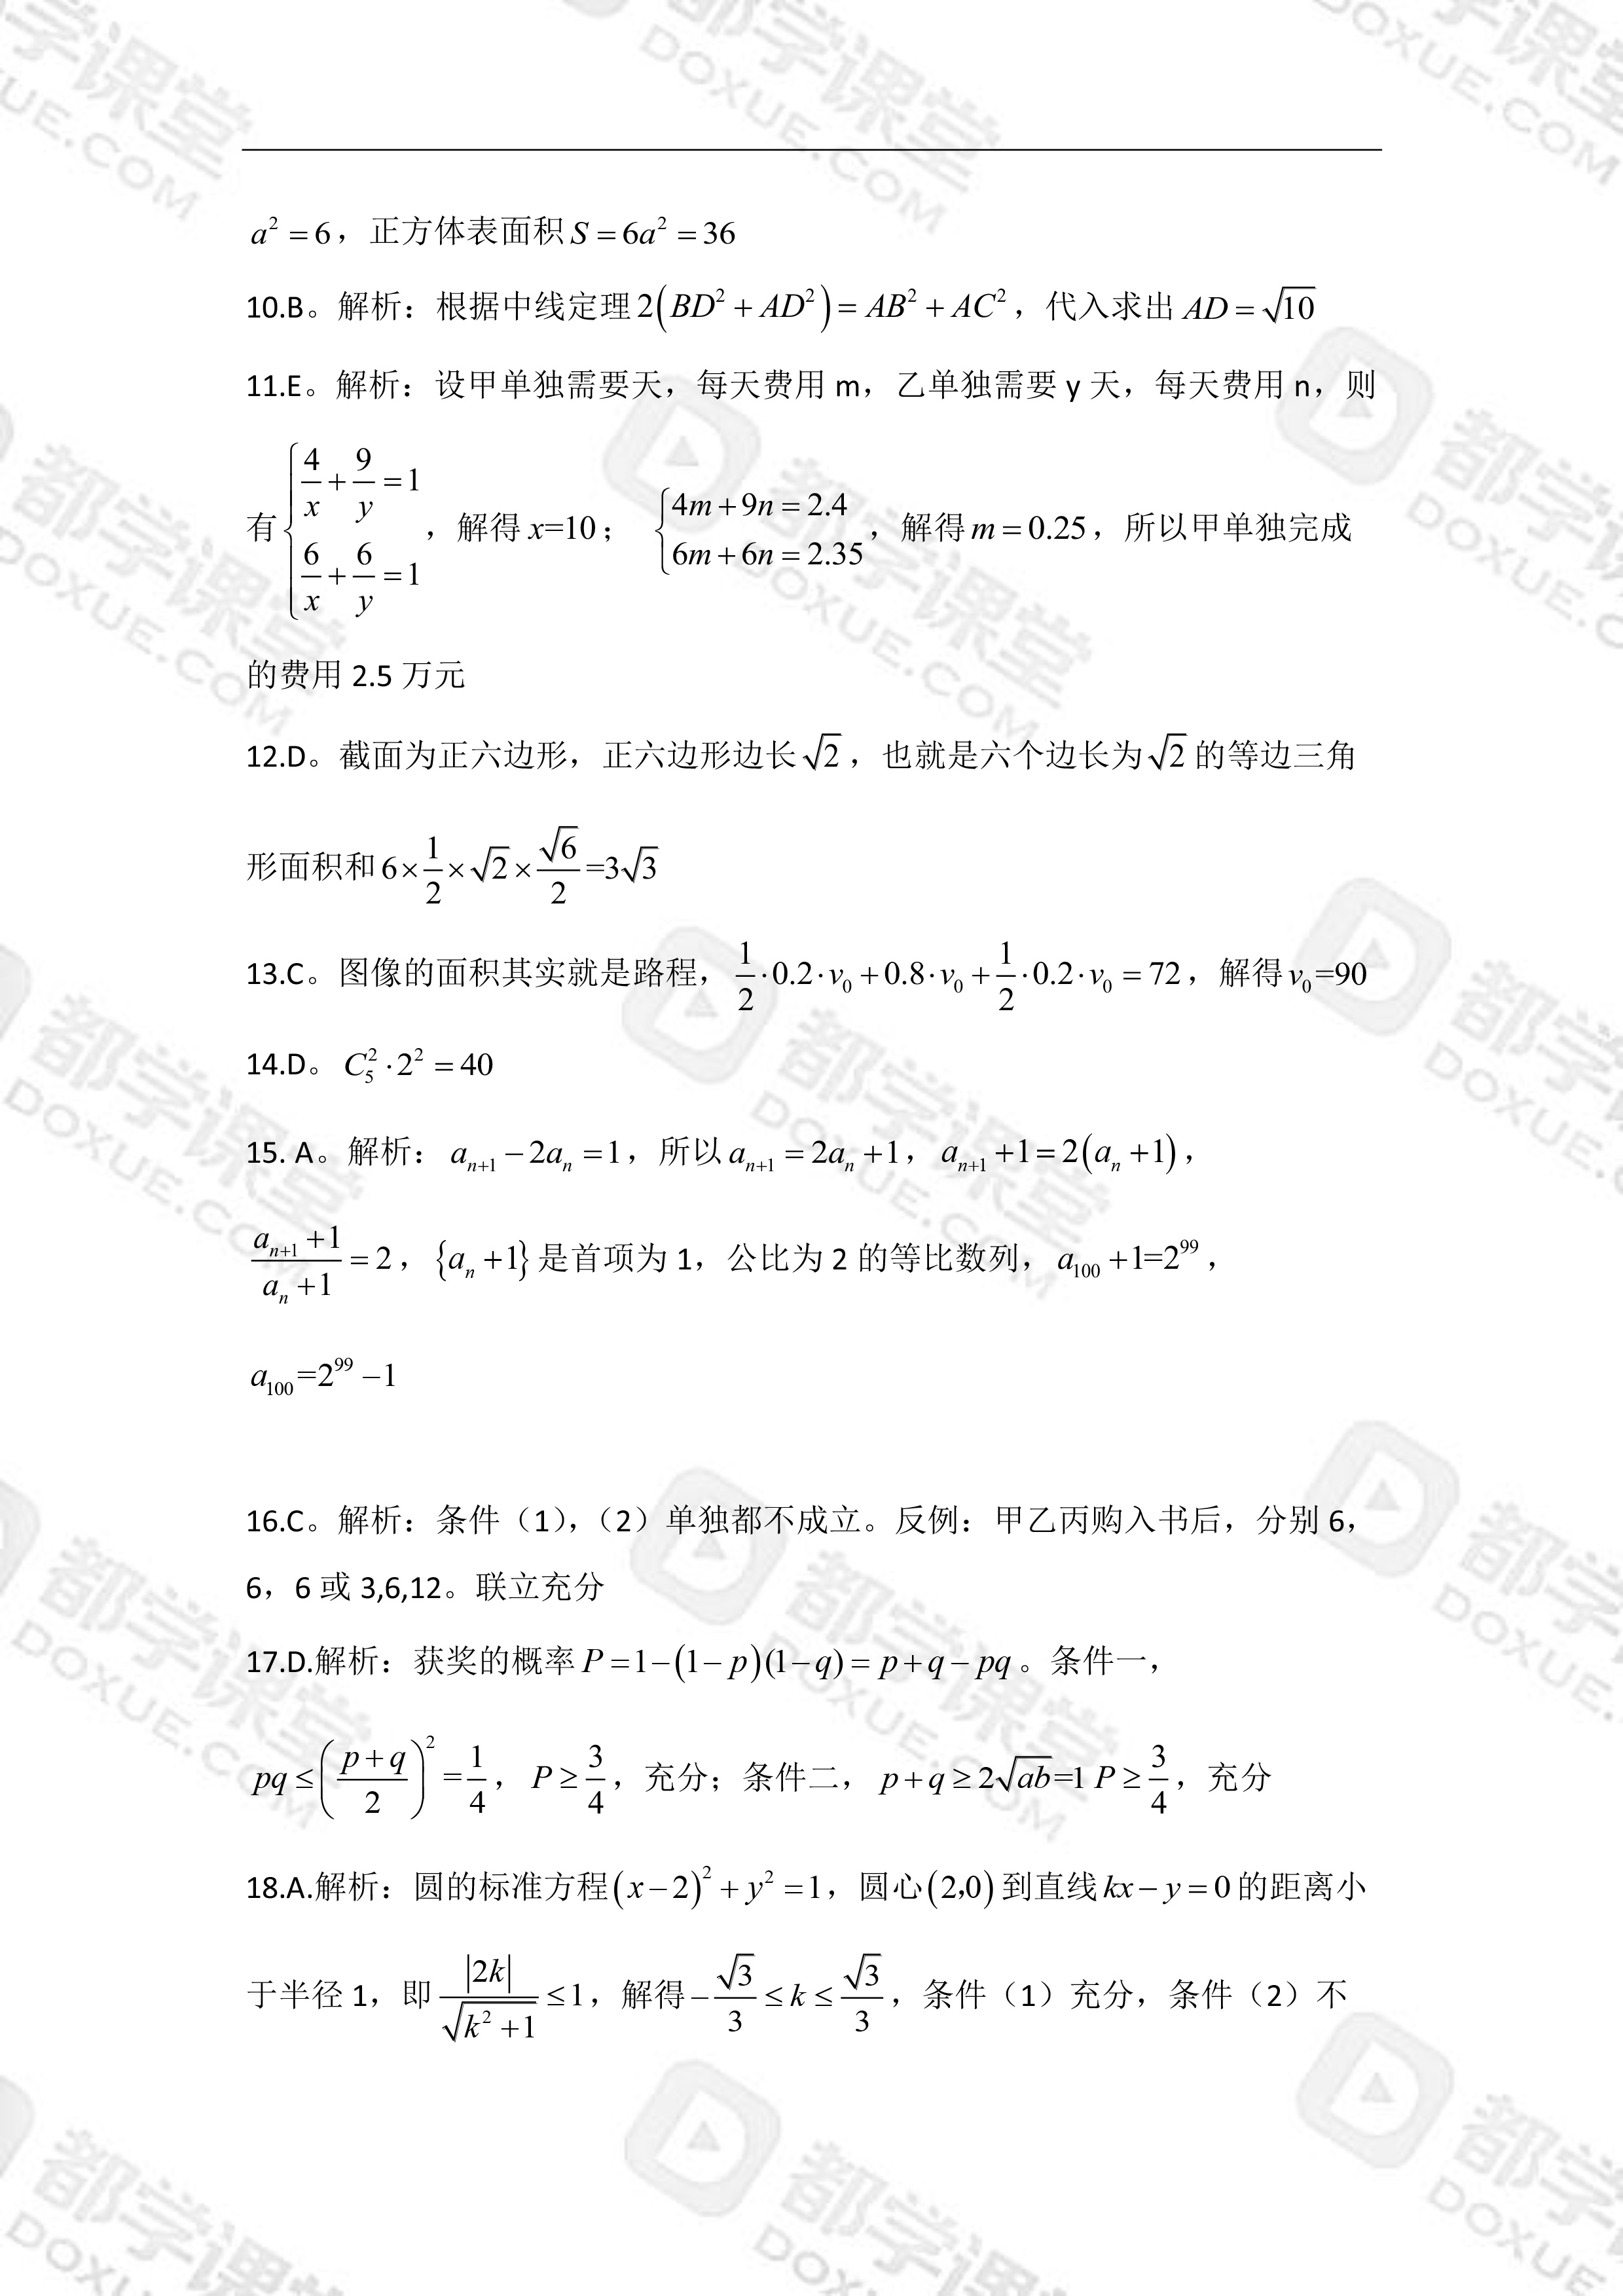 2019管理类联考数学真题答案及解析(王宁)-2.jpg